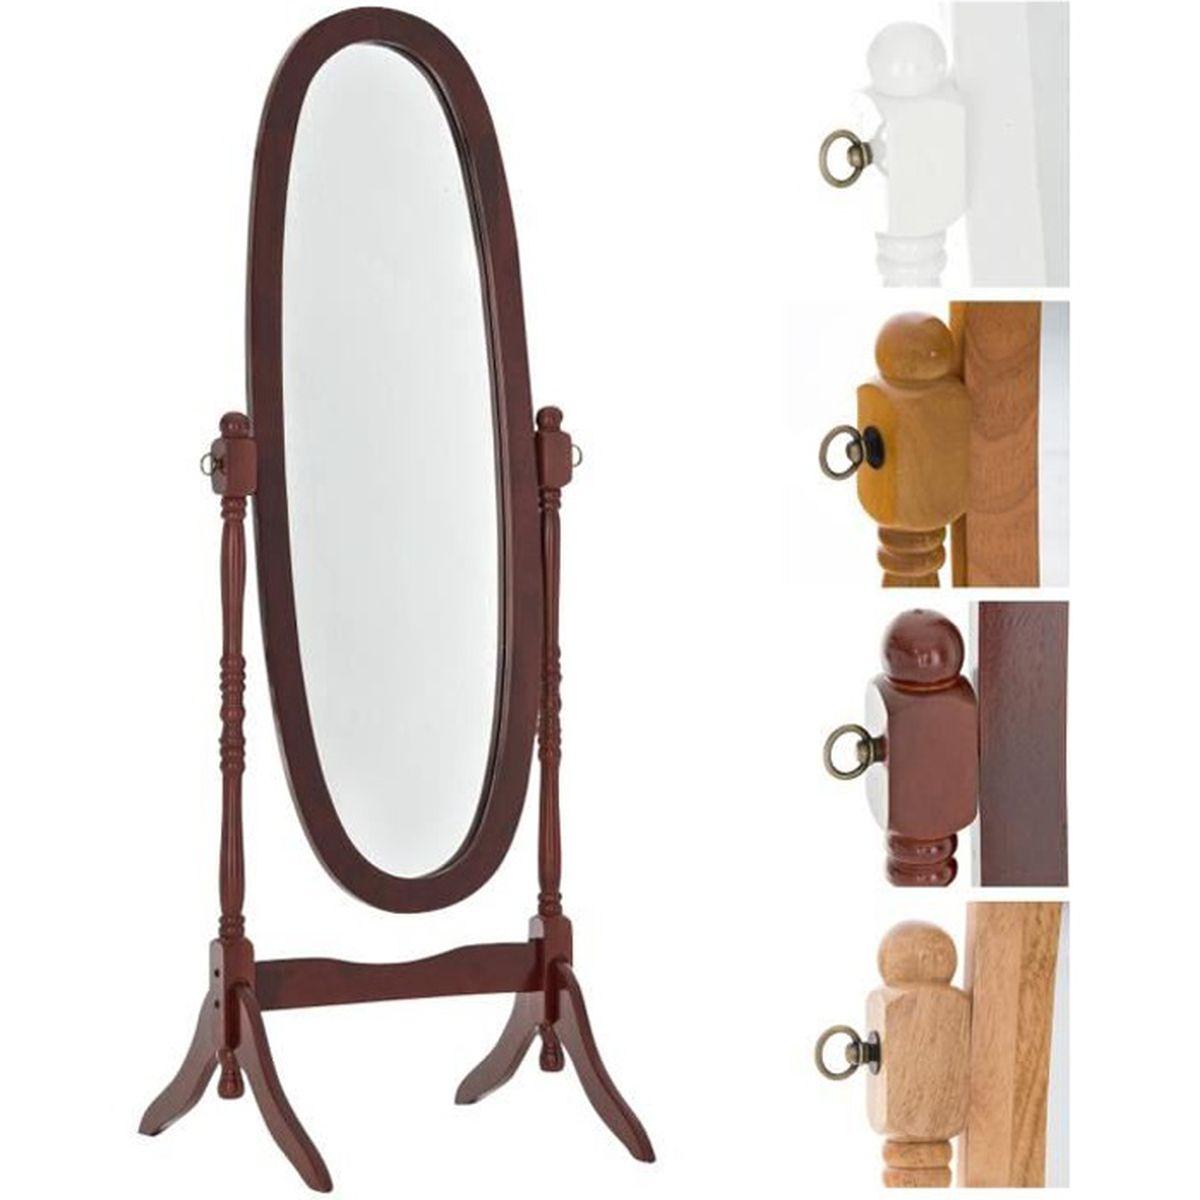 Miroir sur pied en bois achat vente miroir sur pied en - Miroir sur pied but ...